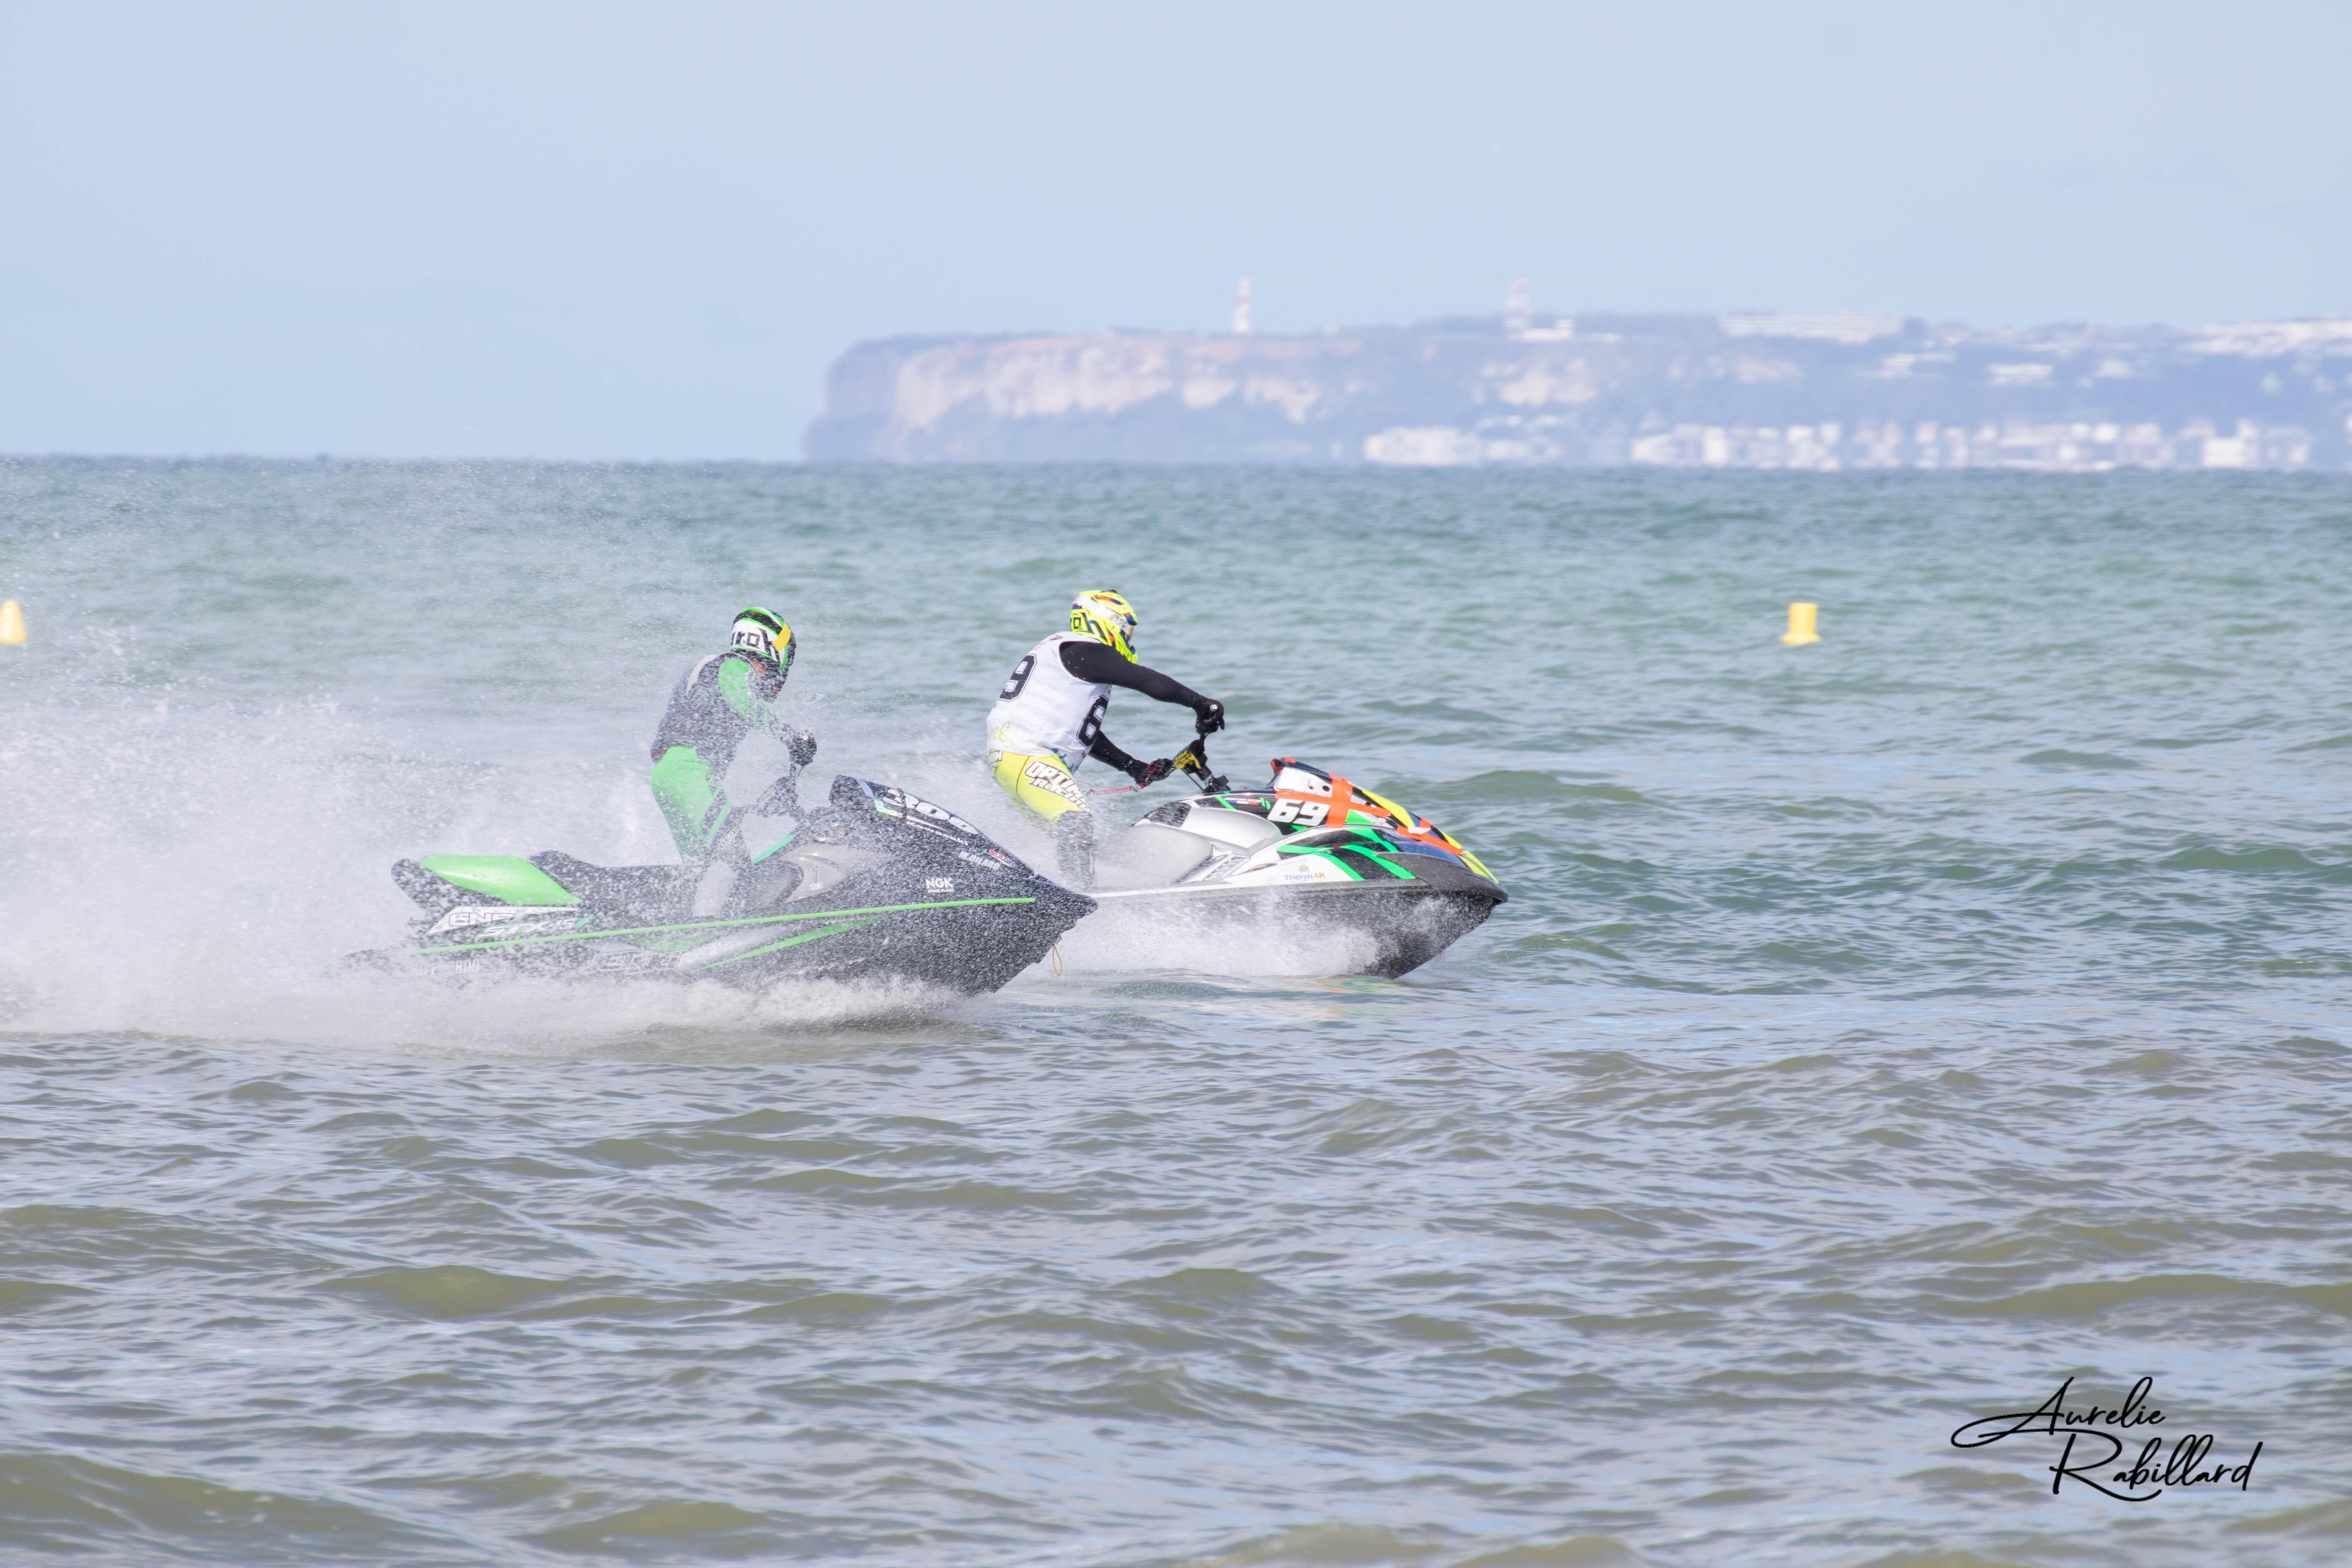 Championnat grand ouest de jet ski 2020 à villers sur mer (calvados 14)st de jet ski à villers sur m